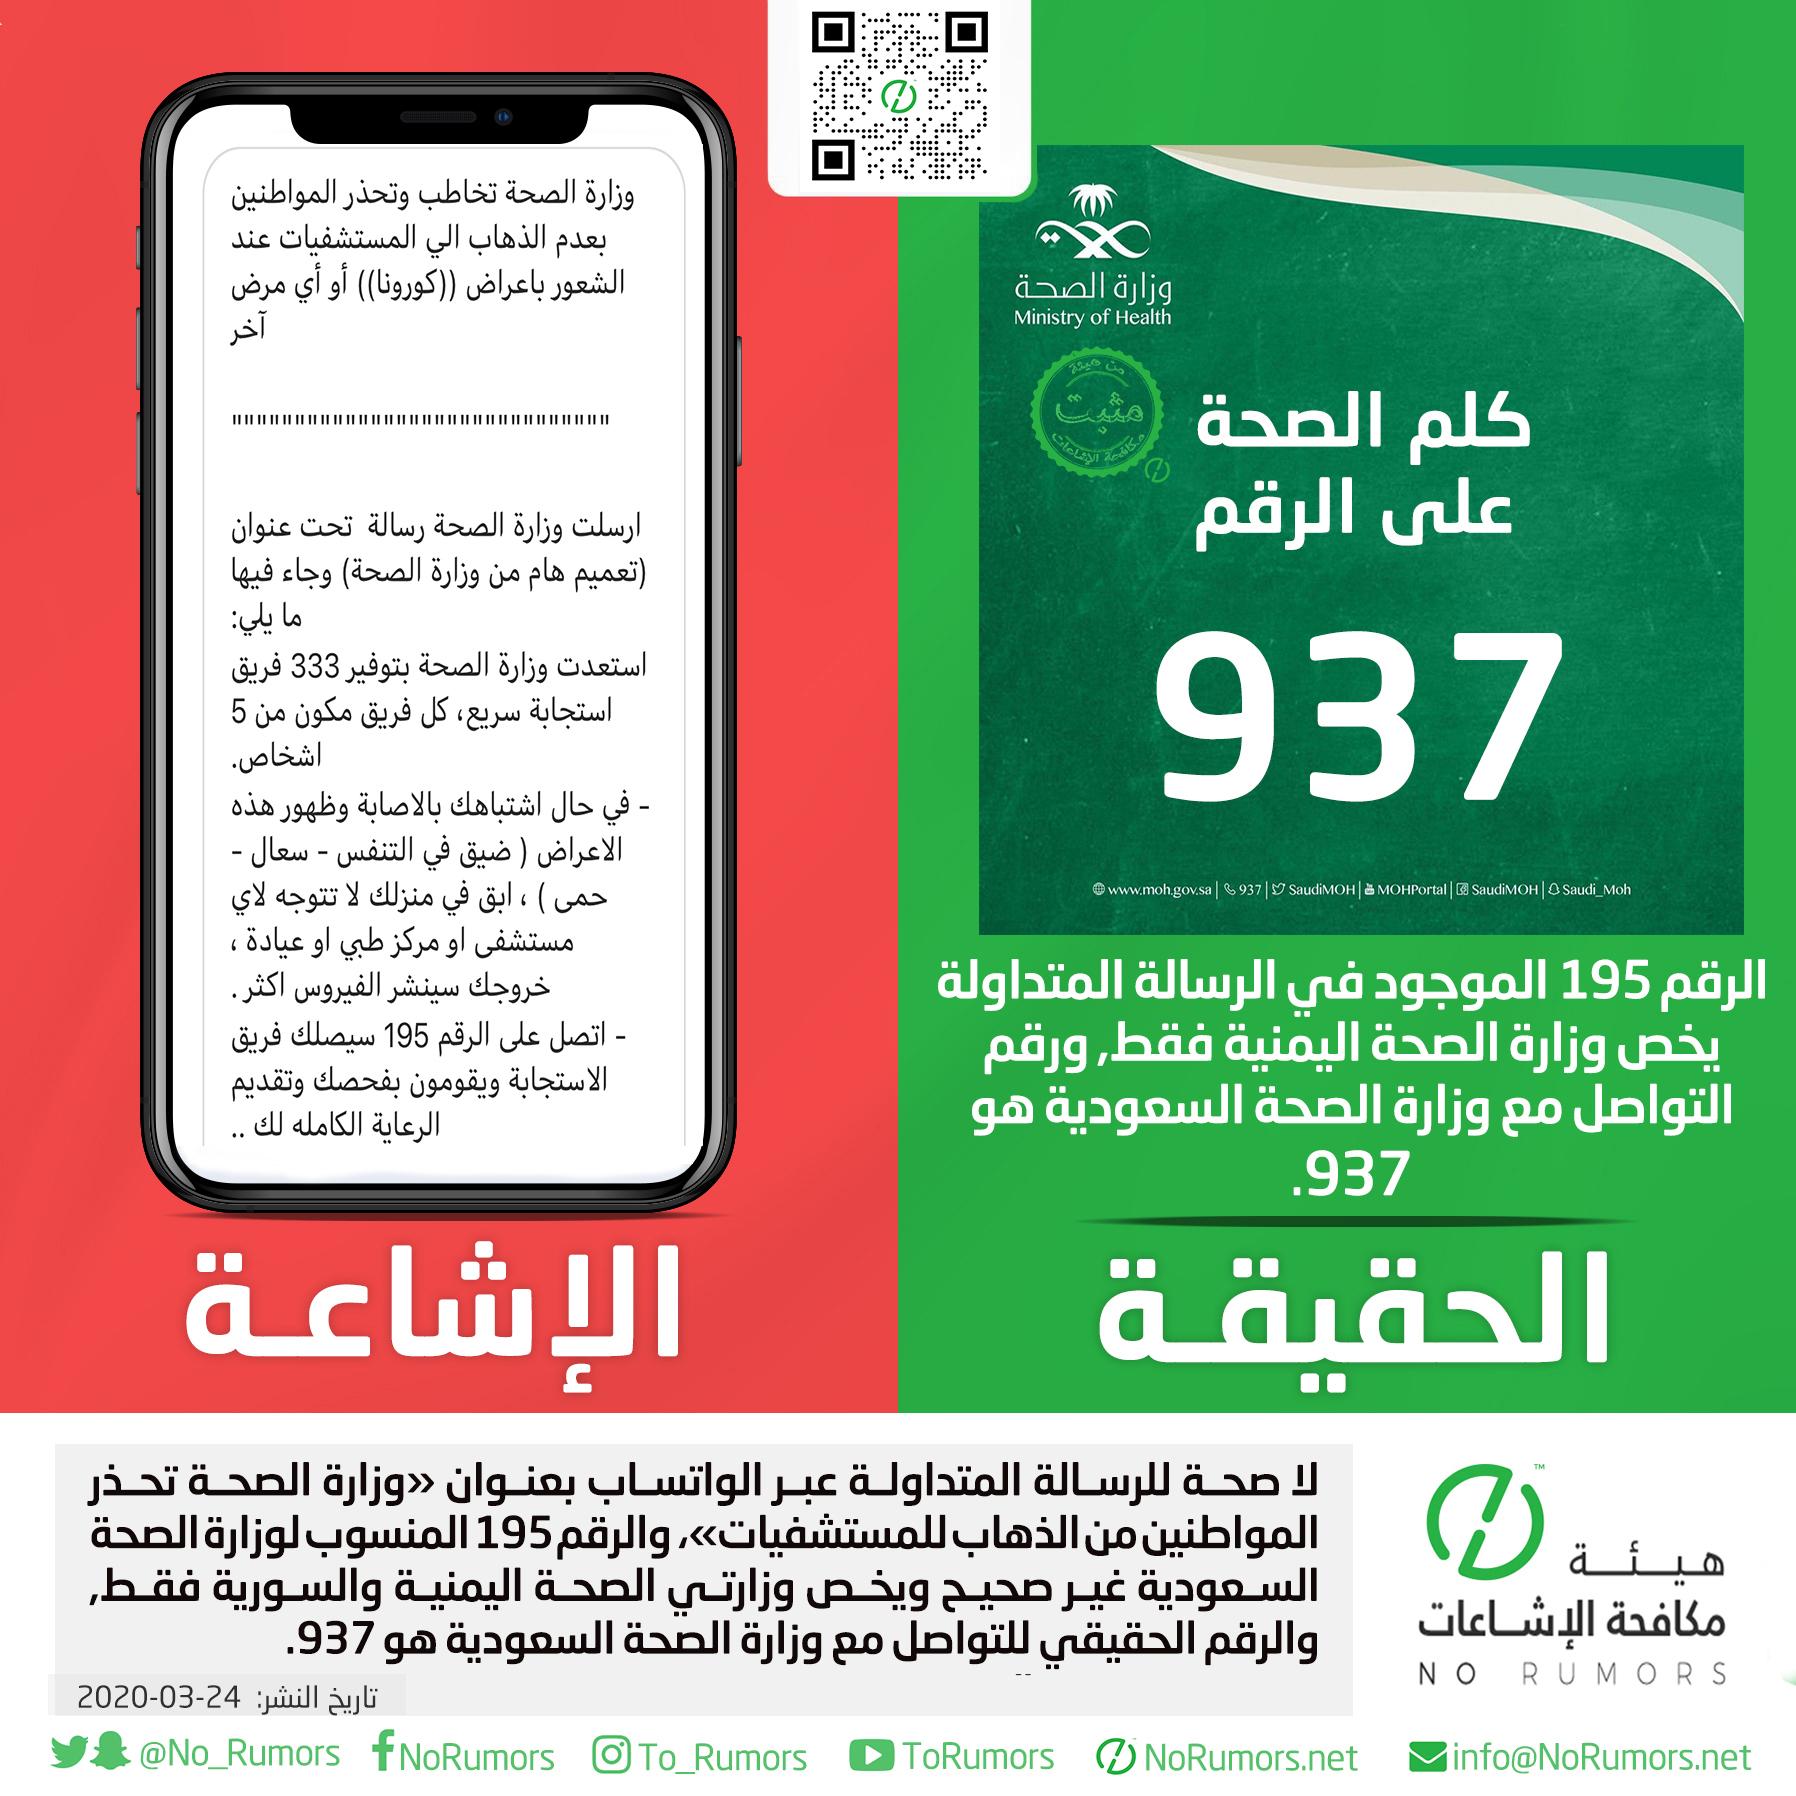 حقيقة الرسالة المتداولة عبر الواتساب بعنوان «وزارة الصحة تحذر المواطنين من الذهاب للمستشفيات»